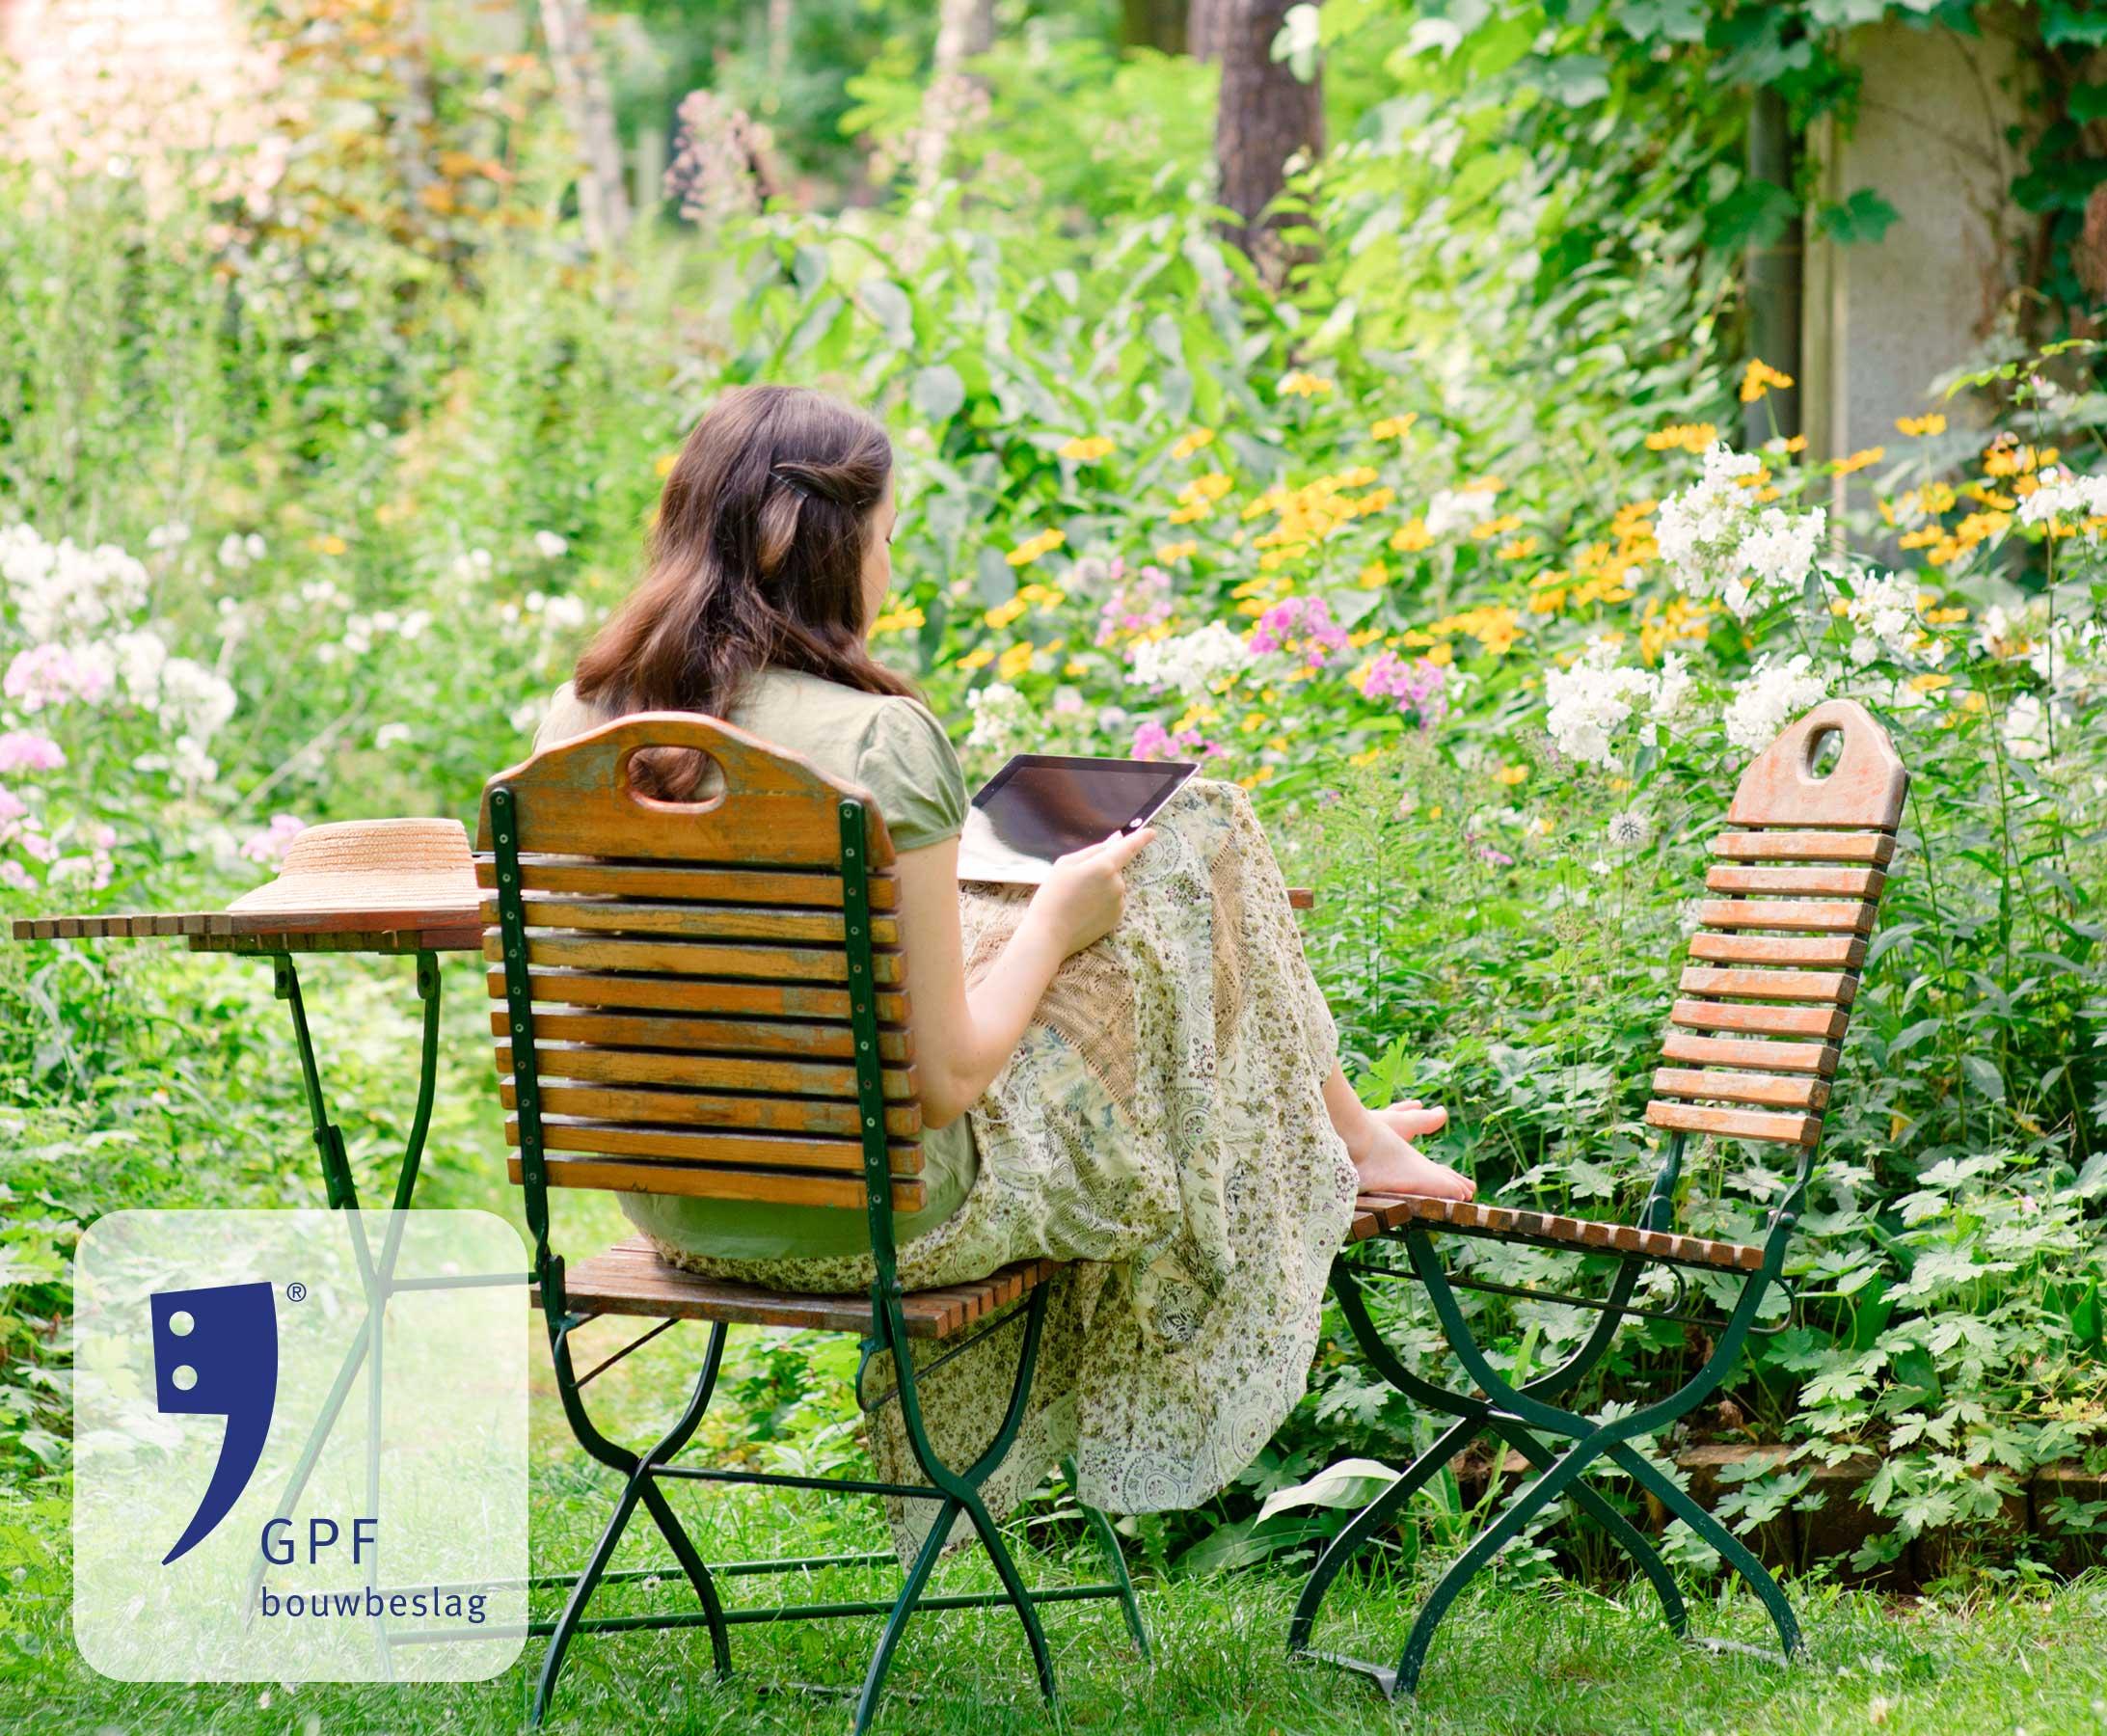 GPF smeedijzer sfeerafbeelding in de tuin